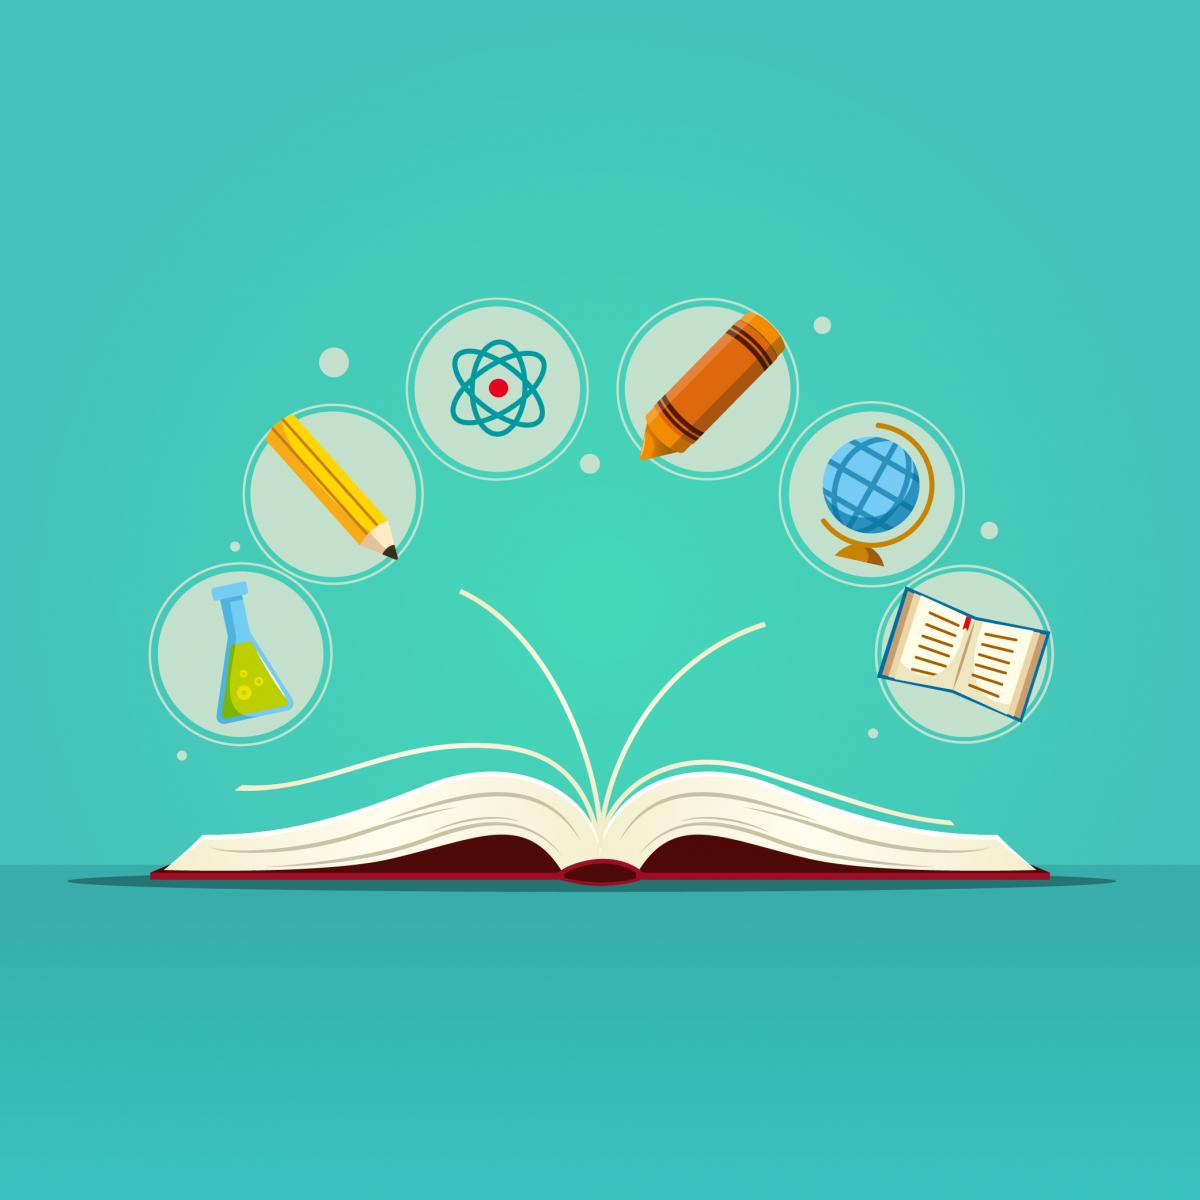 Livro aberto sobre uma mesa. Ao redor dele, há ícones representando disciplinas como química, português, geografia, português e artes.